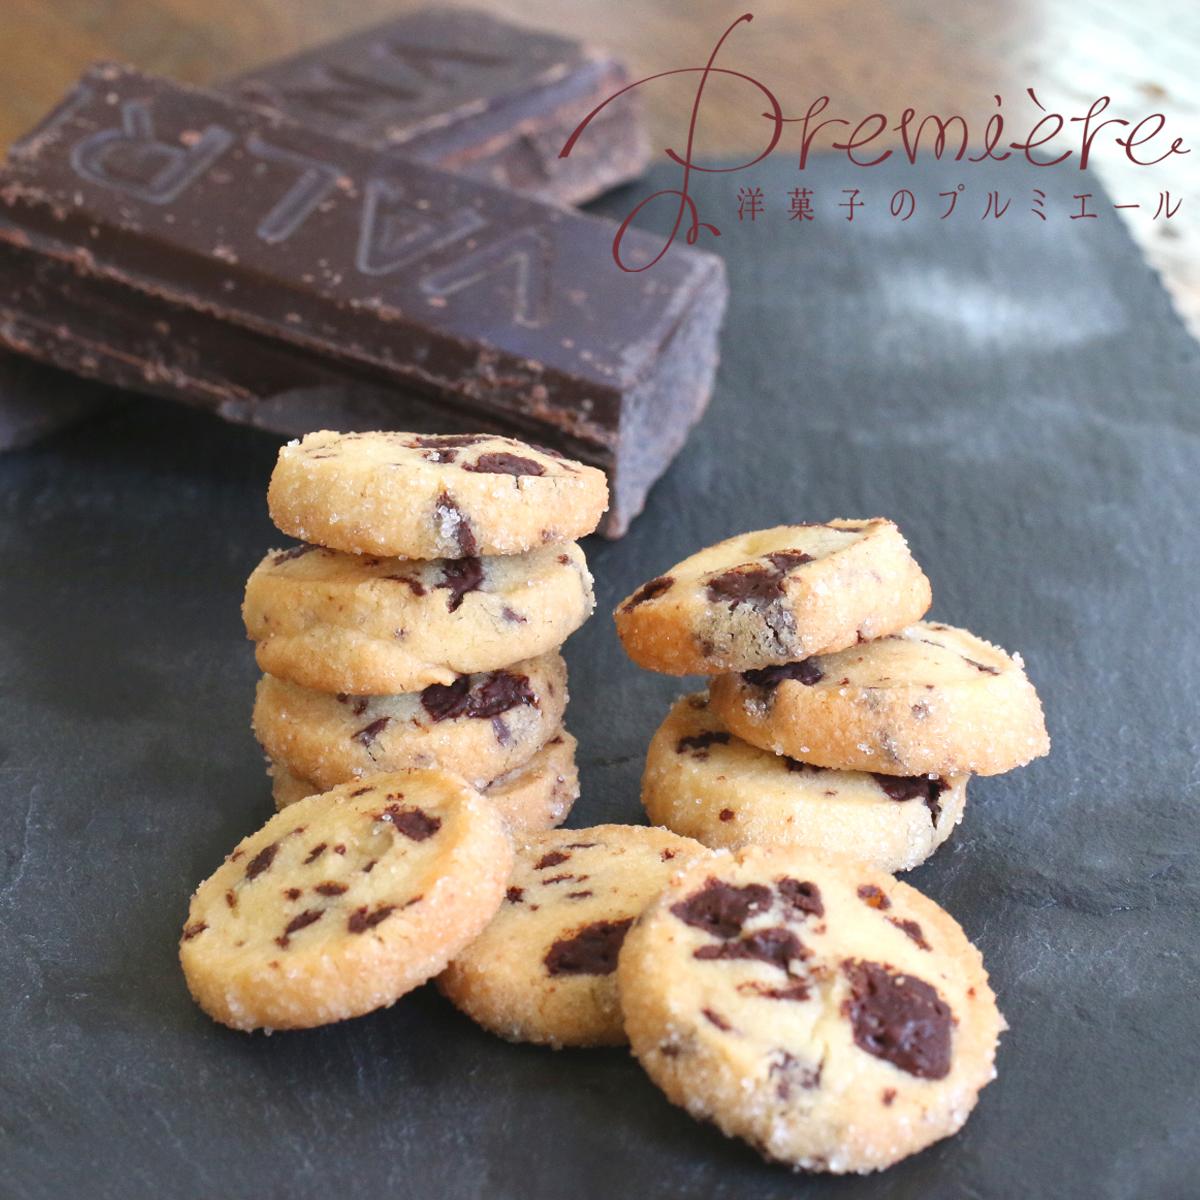 フランス産高級チョコレートを使用した贅沢サブレのパーティーパック 贅沢サブレショコラ 80枚パーティーパック クッキー サブレ 高級サブレ チョコレート フランス産高級チョコレート お菓子 メーカー在庫限り品 大放出セール